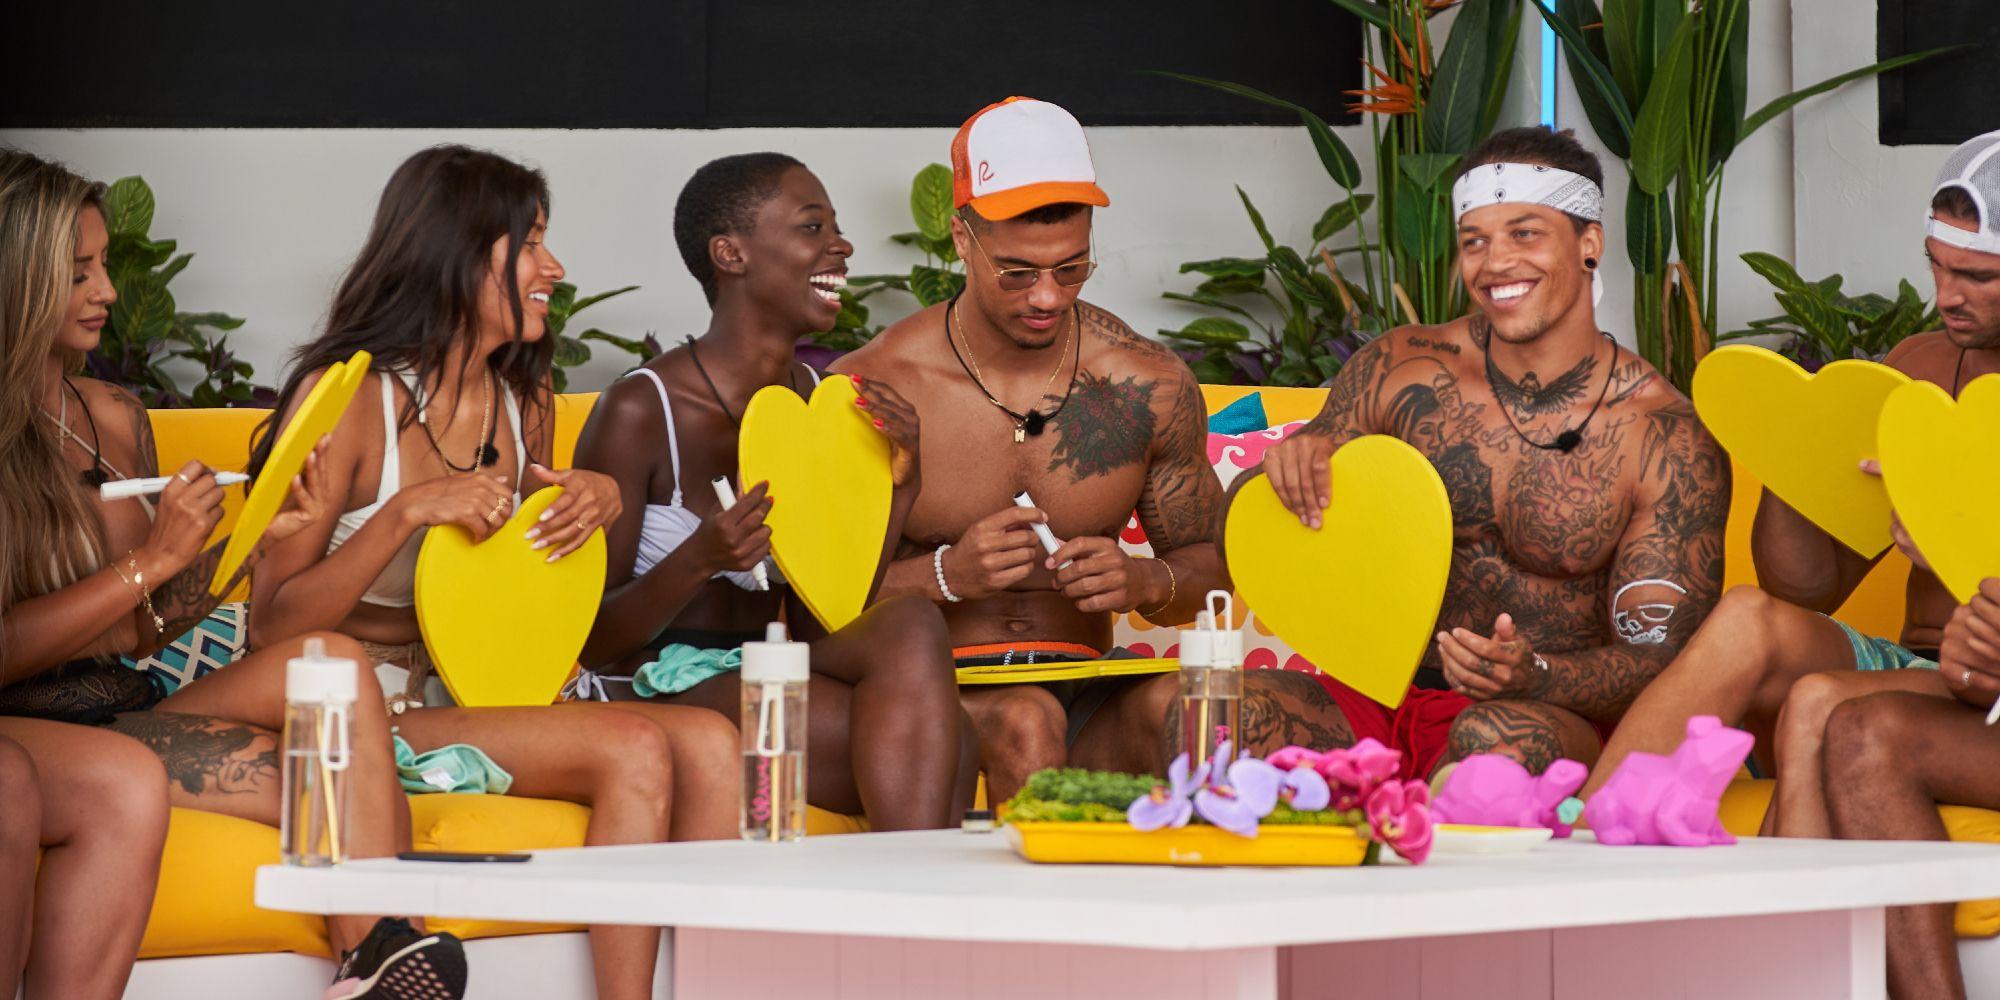 Love Island USA: Season 3 Episode 12 TV Schedule, Streaming Choices & Recap